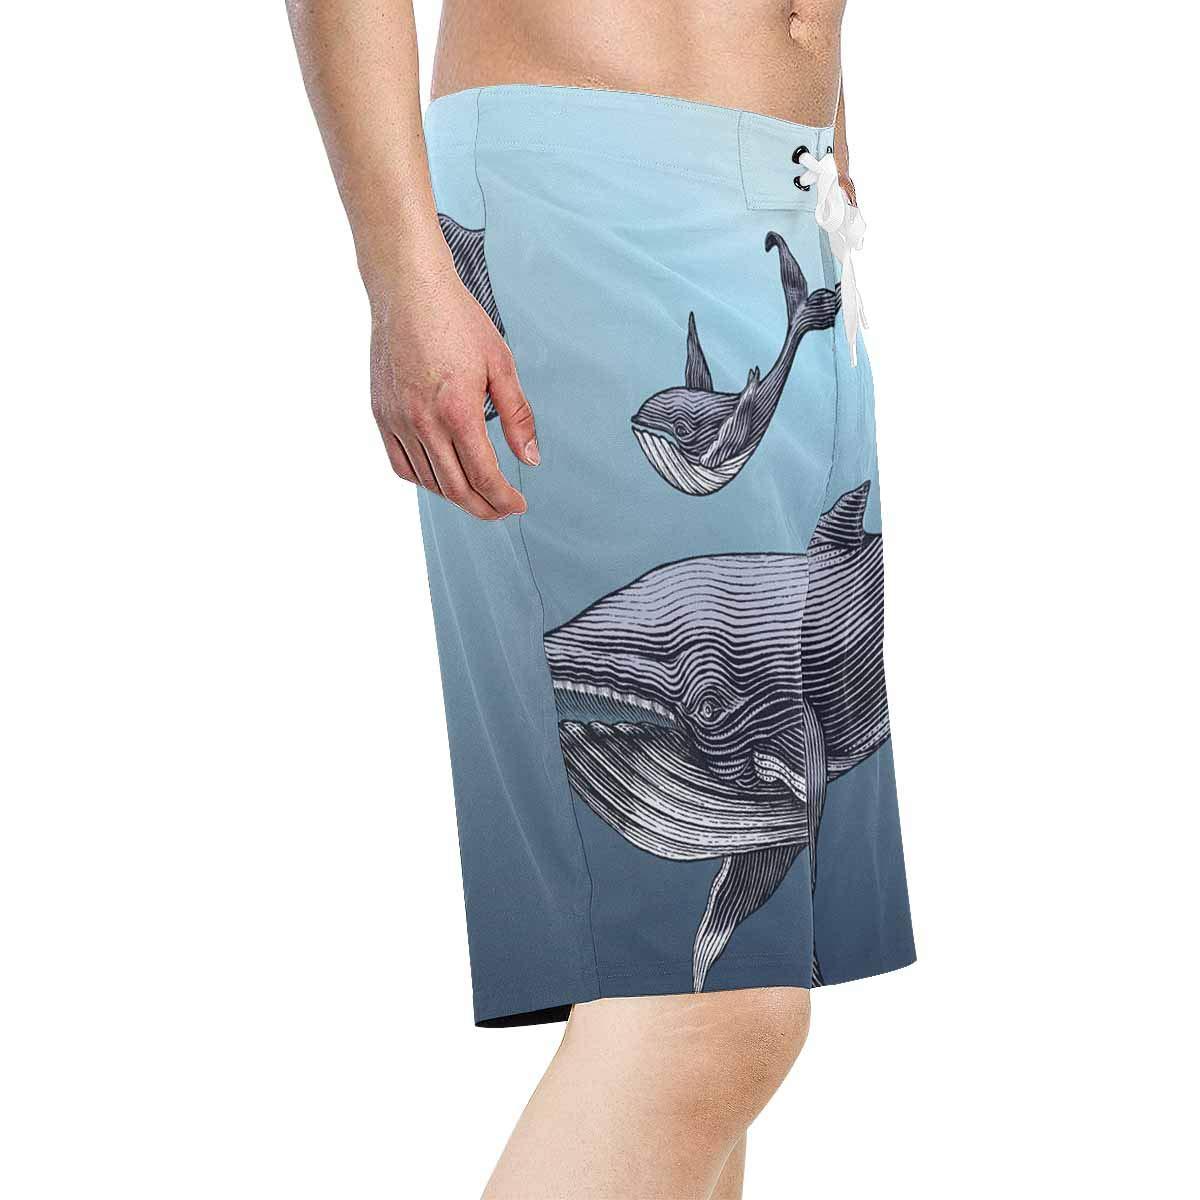 XS-6XL INTERESTPRINT Mens Swim Trunks Quick Dry Cute Whales Swimwear Board Shorts